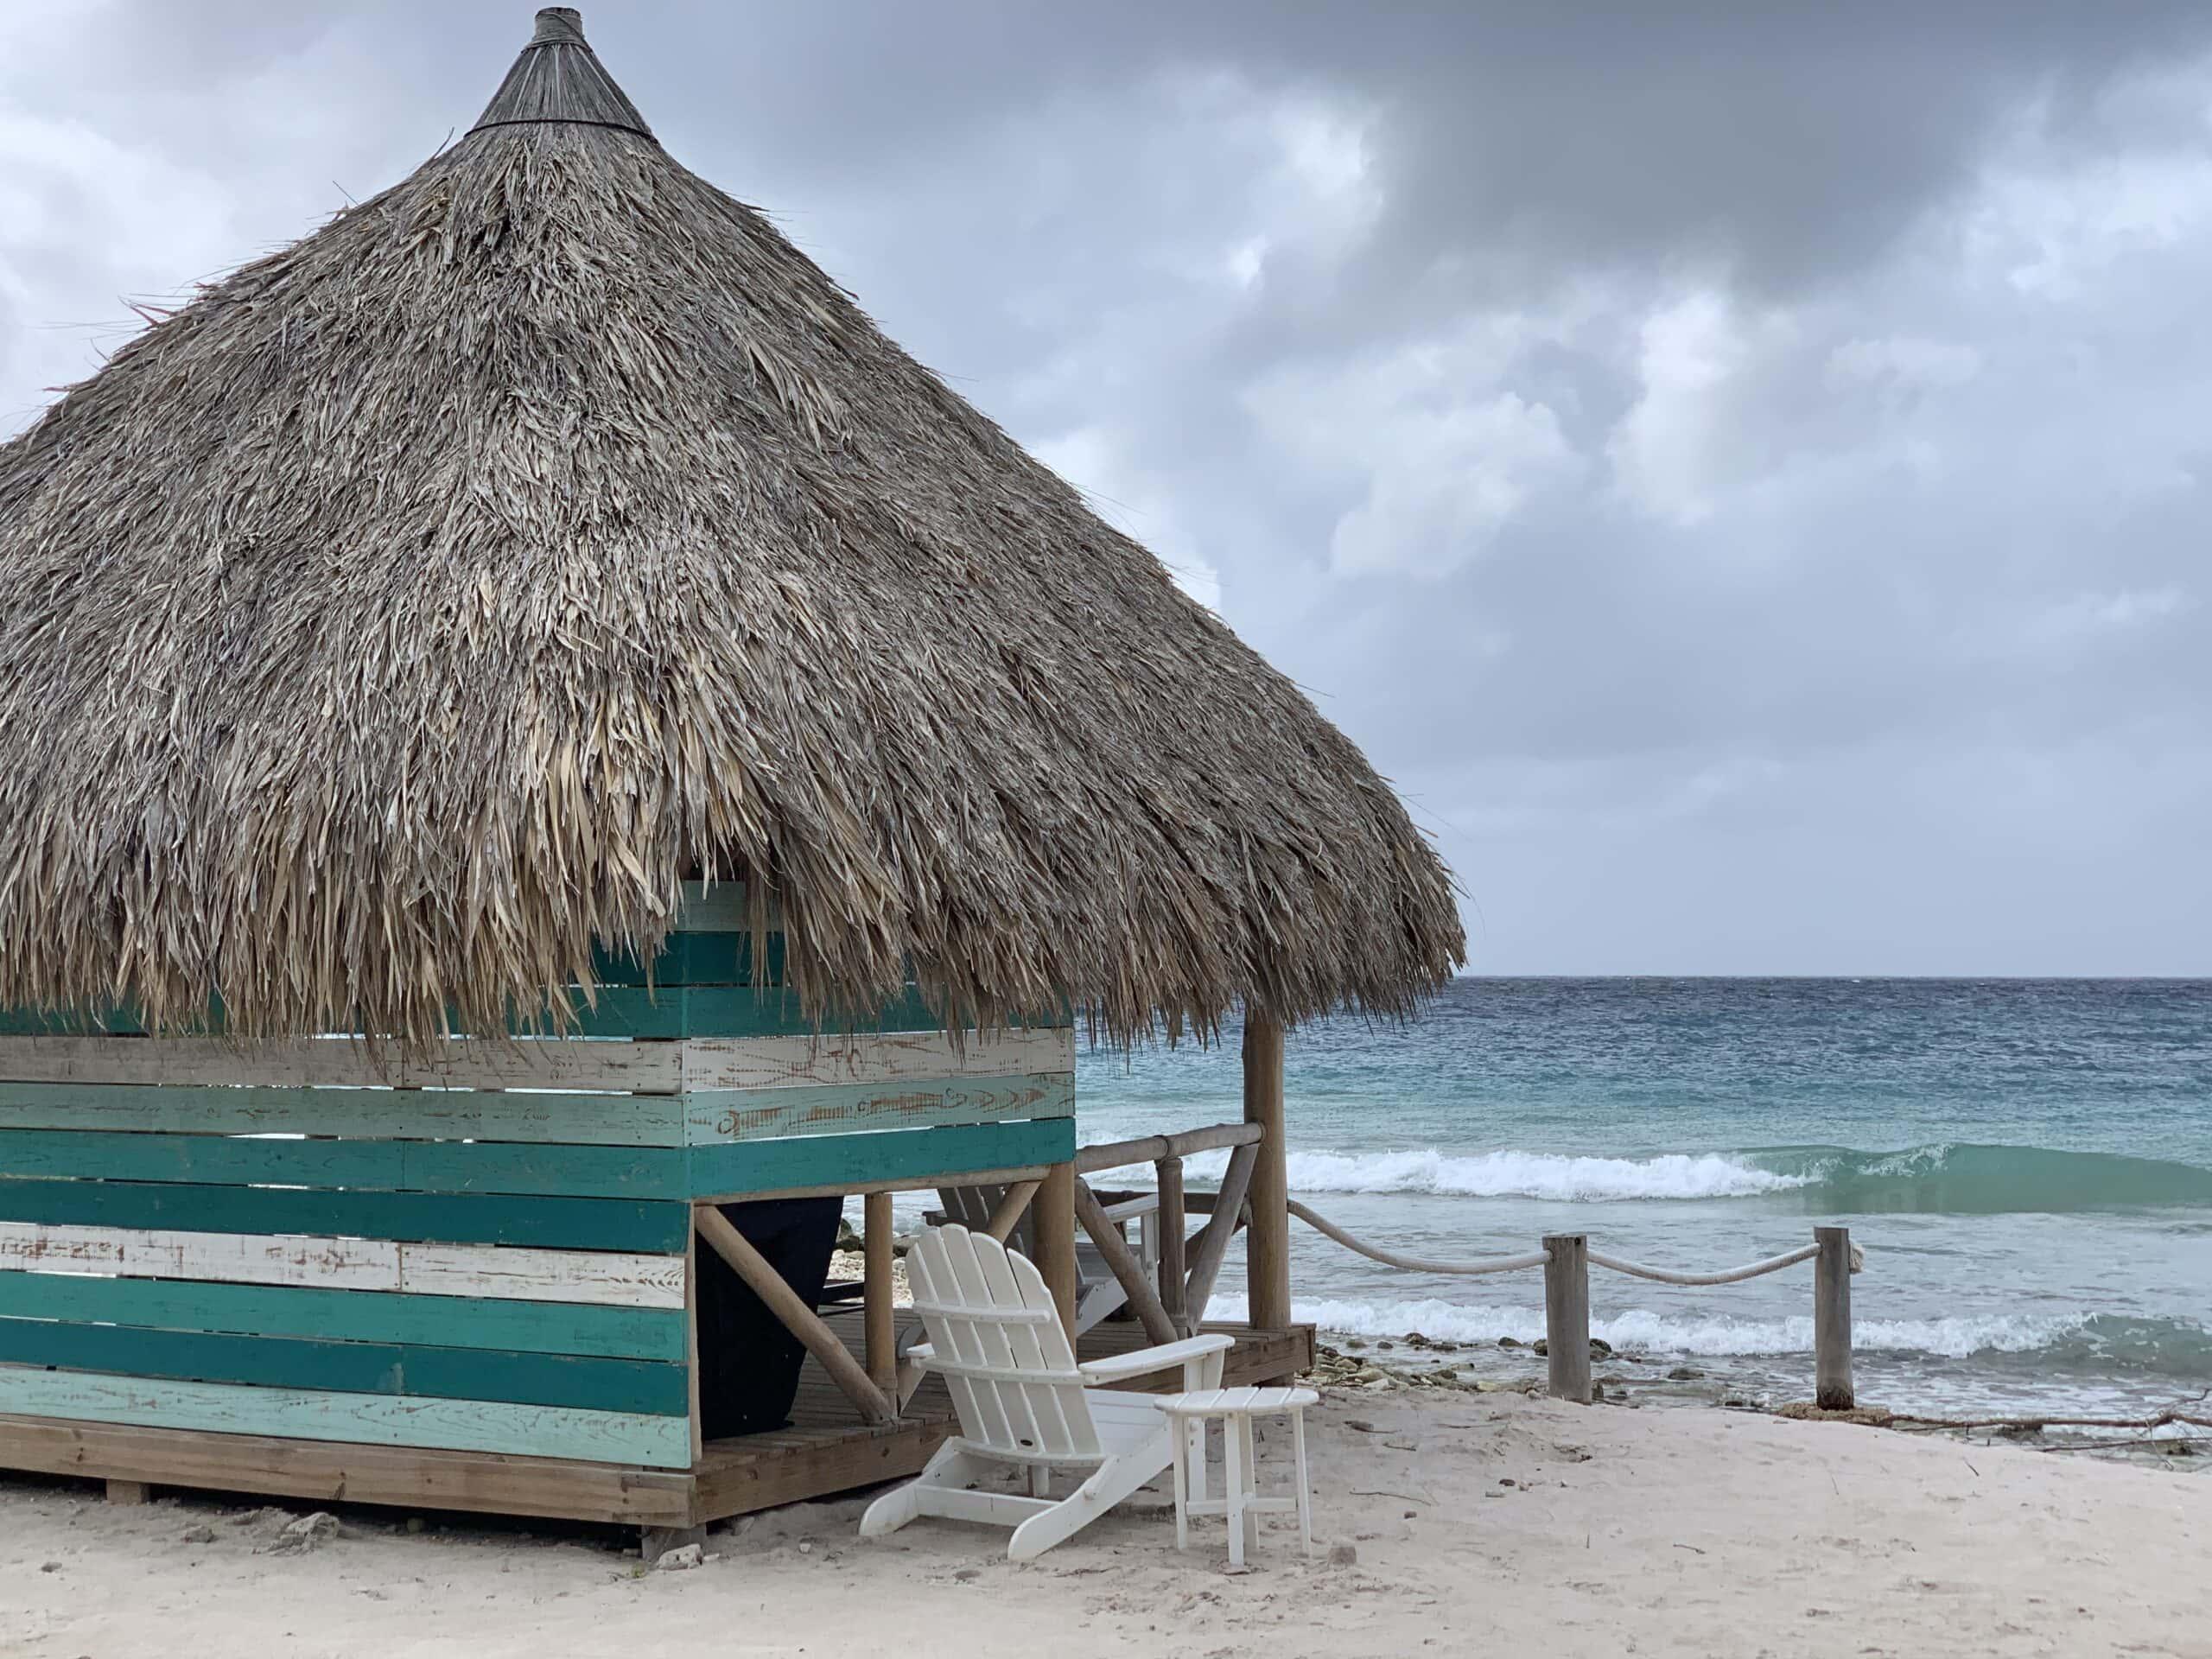 hut on beach in Curacao